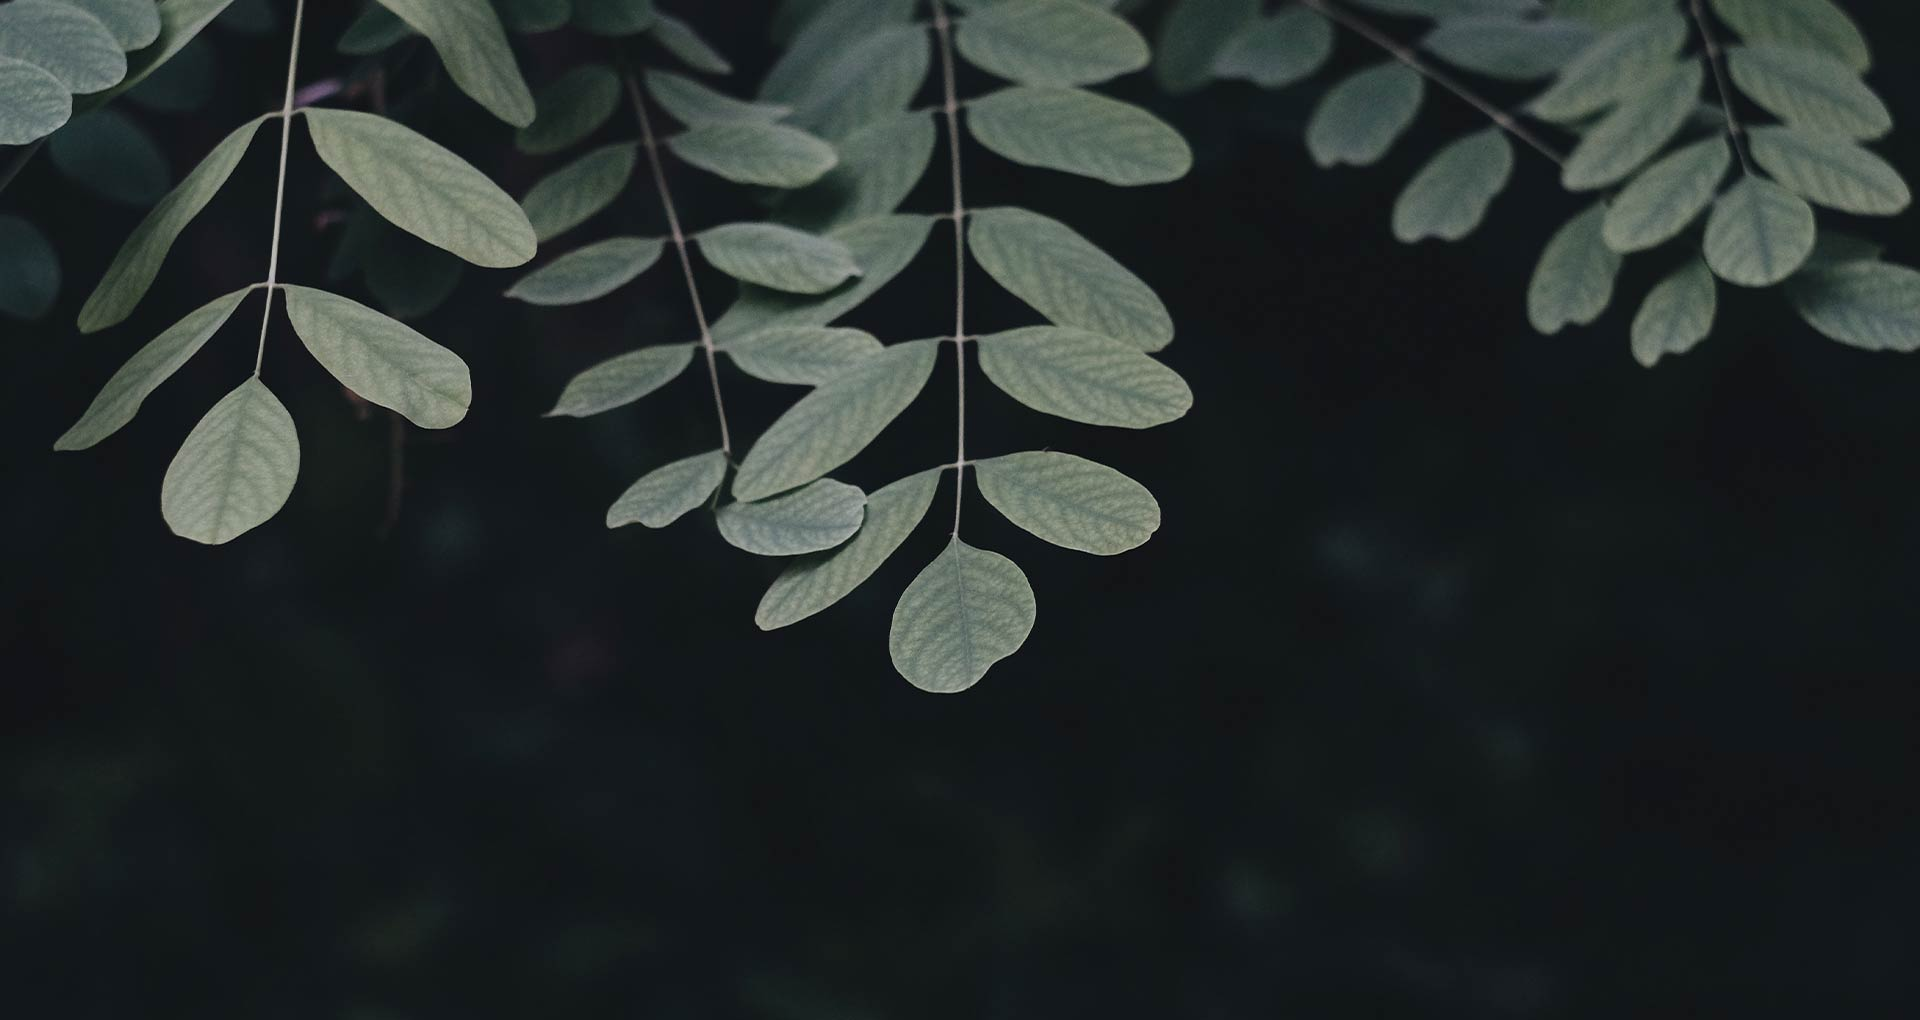 Zweige eines Baums, Hintergrund dunkel, Minimalismus